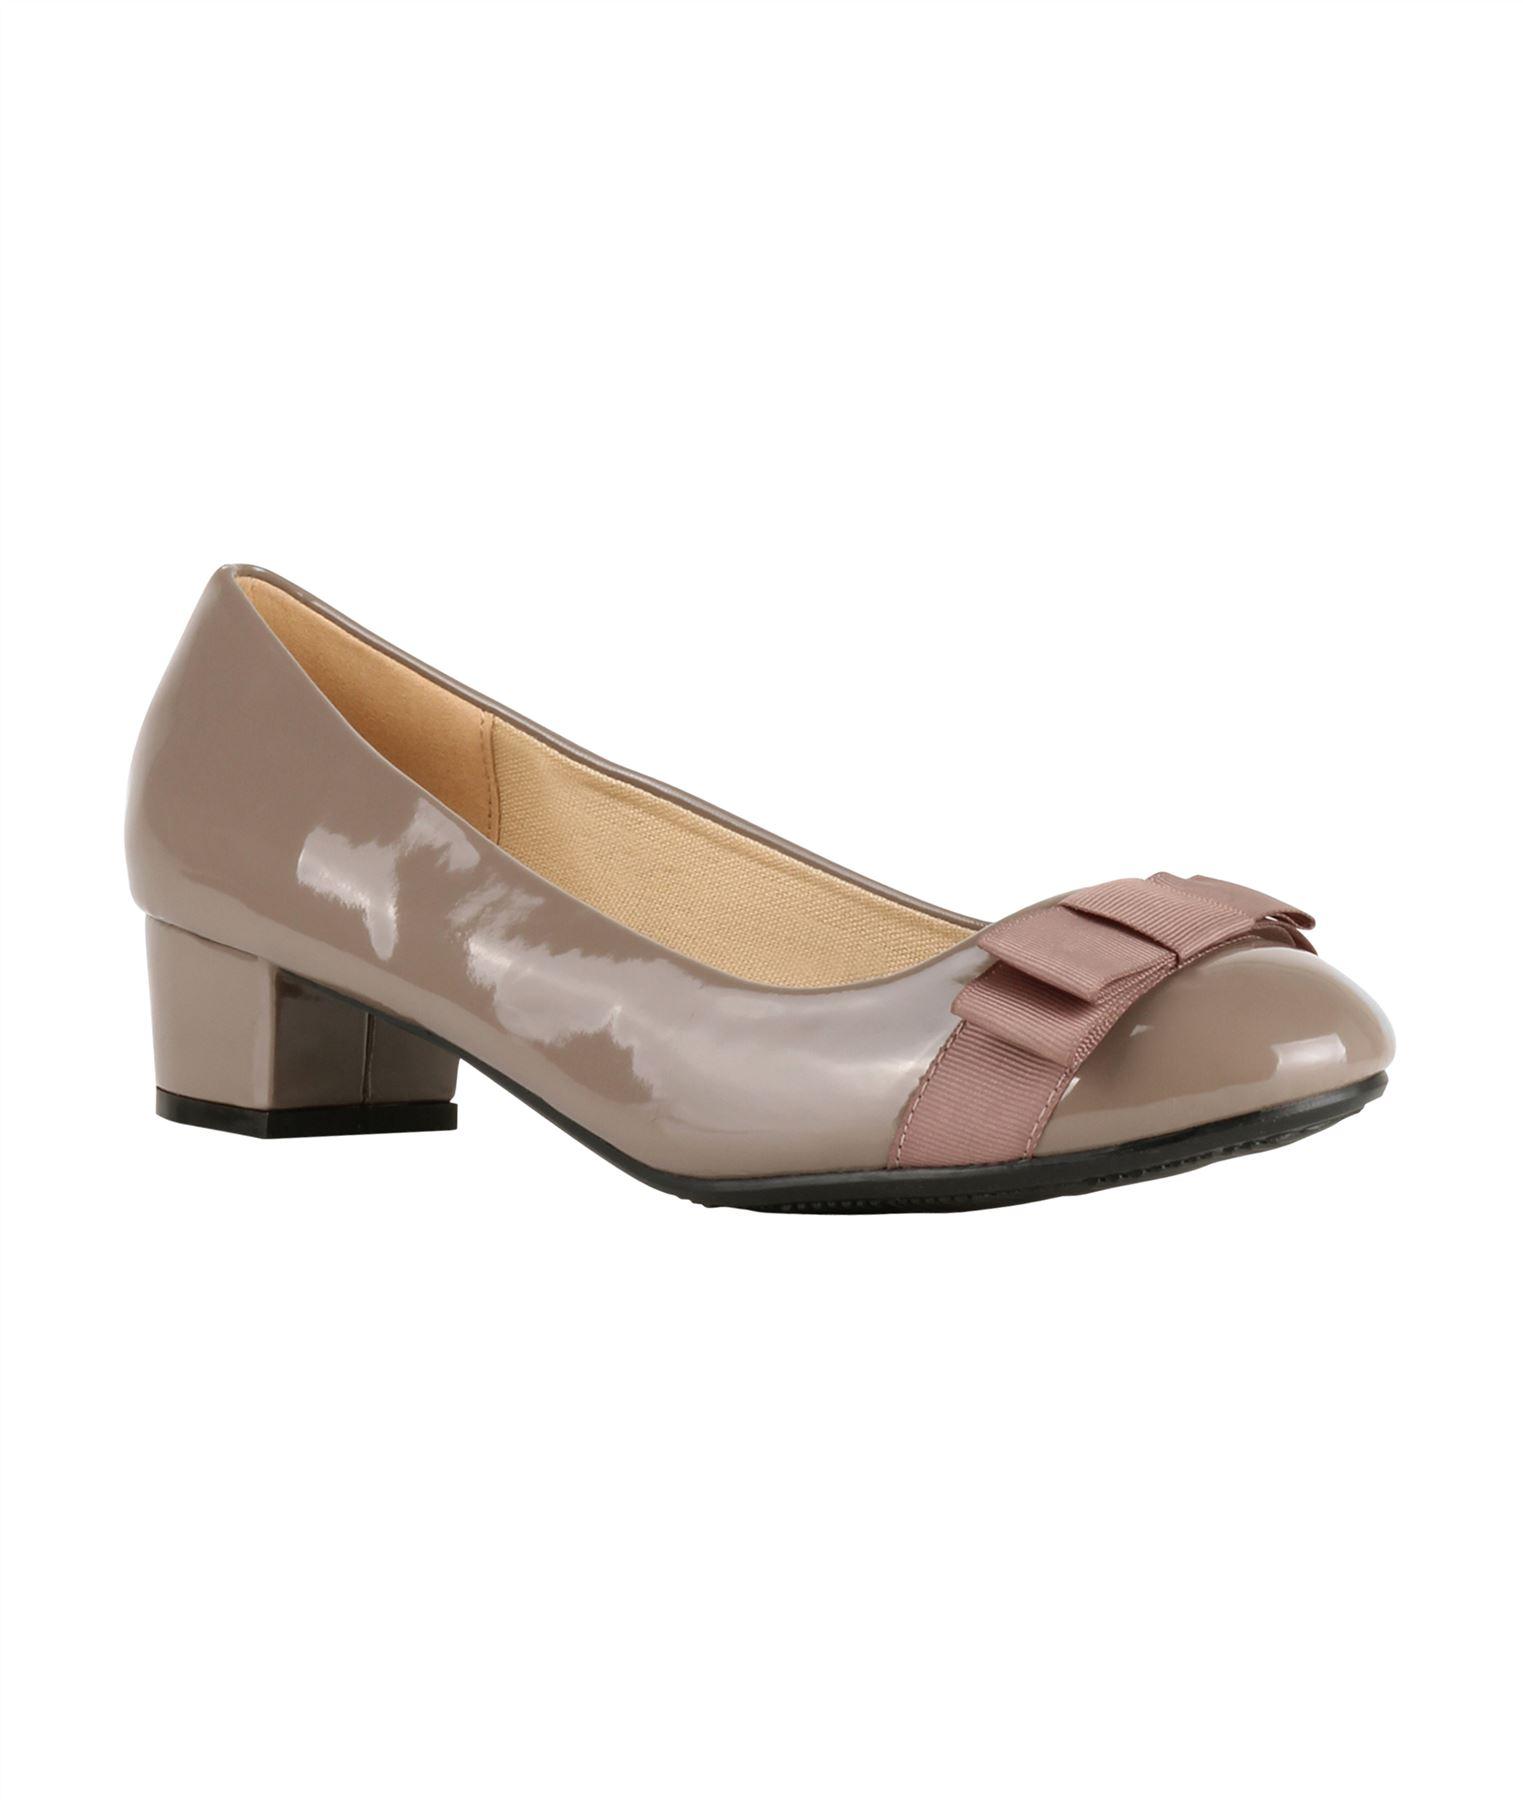 Damen-Elegante-Absatzschuhe-Hochlganz-Pumps-Blockabsatz-Ballerina-Schuhe-Chic Indexbild 13